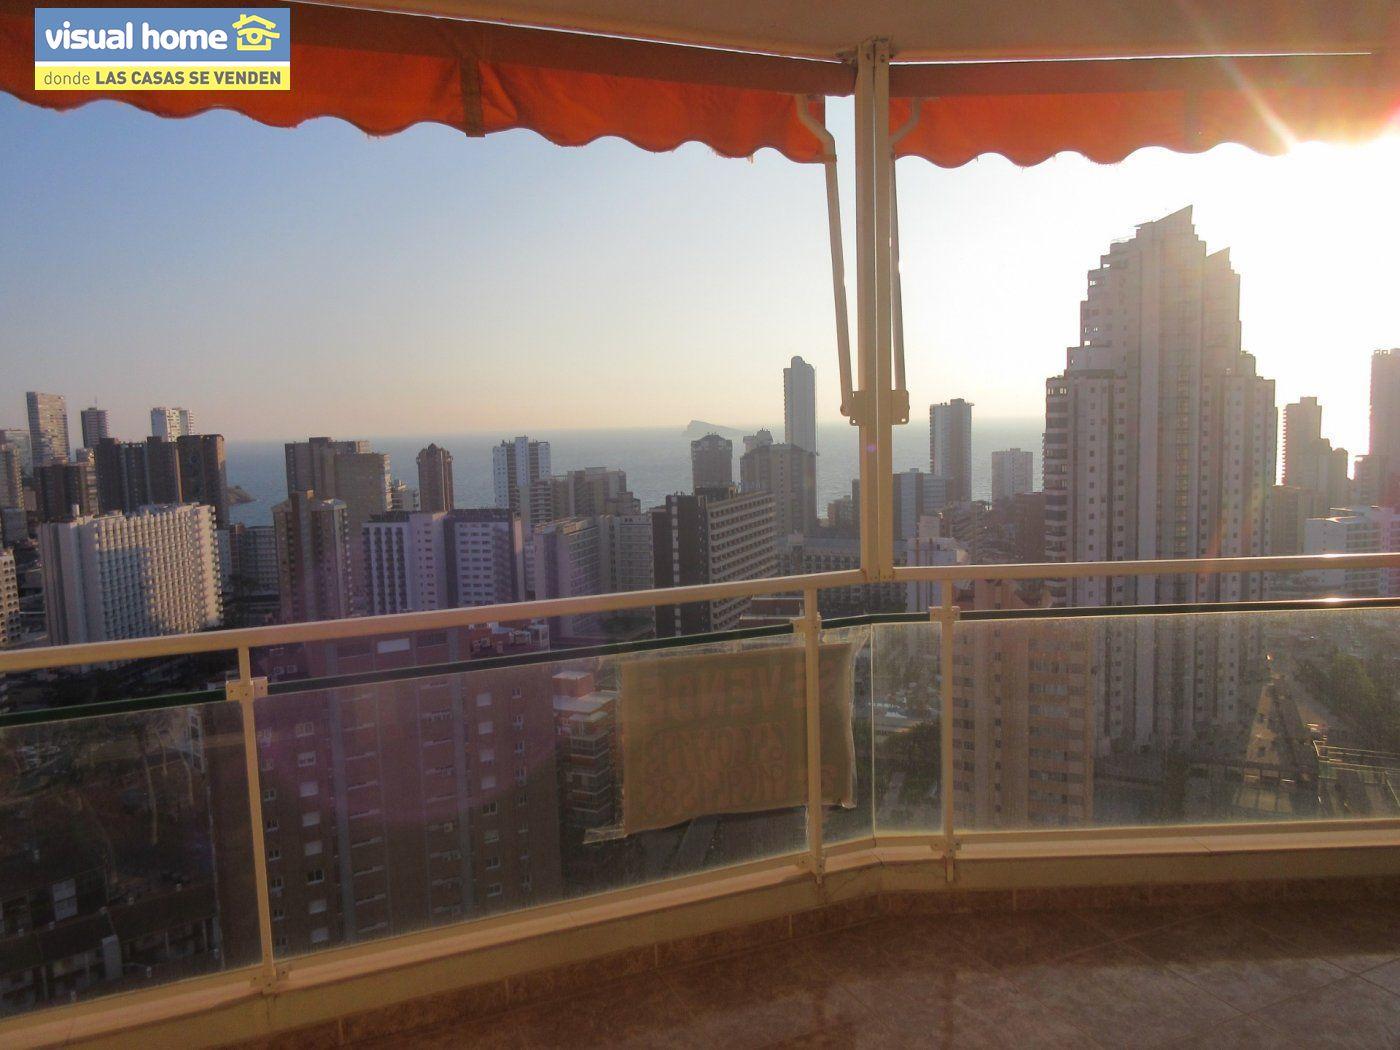 Apartamento 1 dormitorio con vistas espectaculares con parking y piscina en Rincón de Loix llano 12